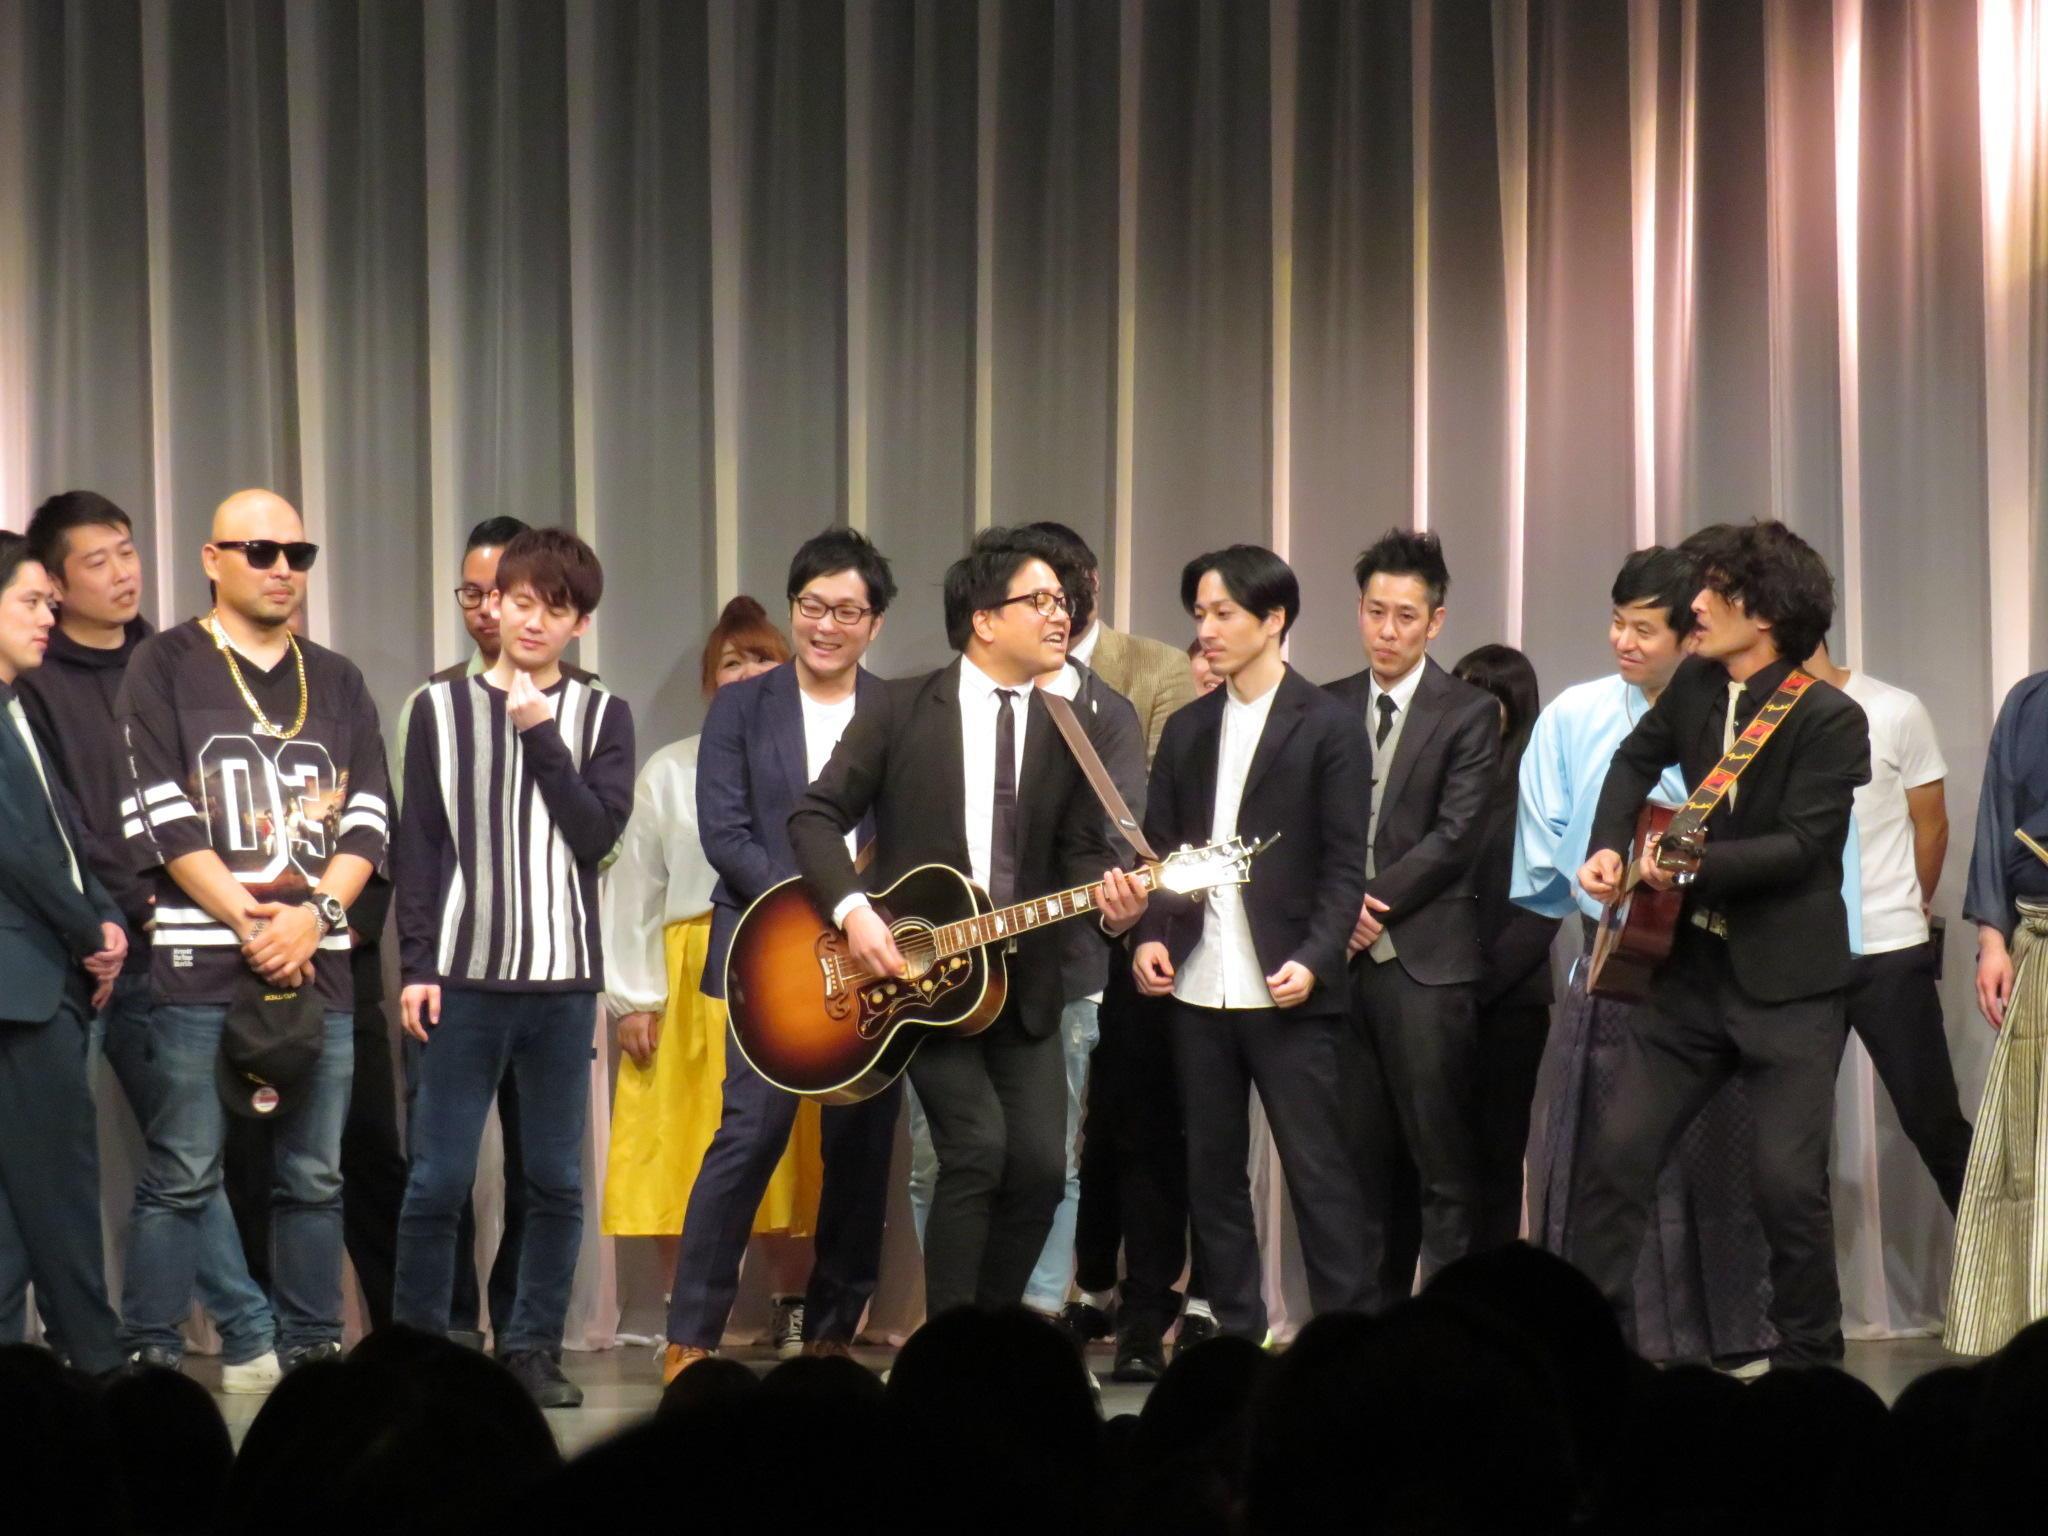 http://news.yoshimoto.co.jp/20181231164853-8c807cdf1c187bb6577db522d91a9d01d4e67d26.jpg